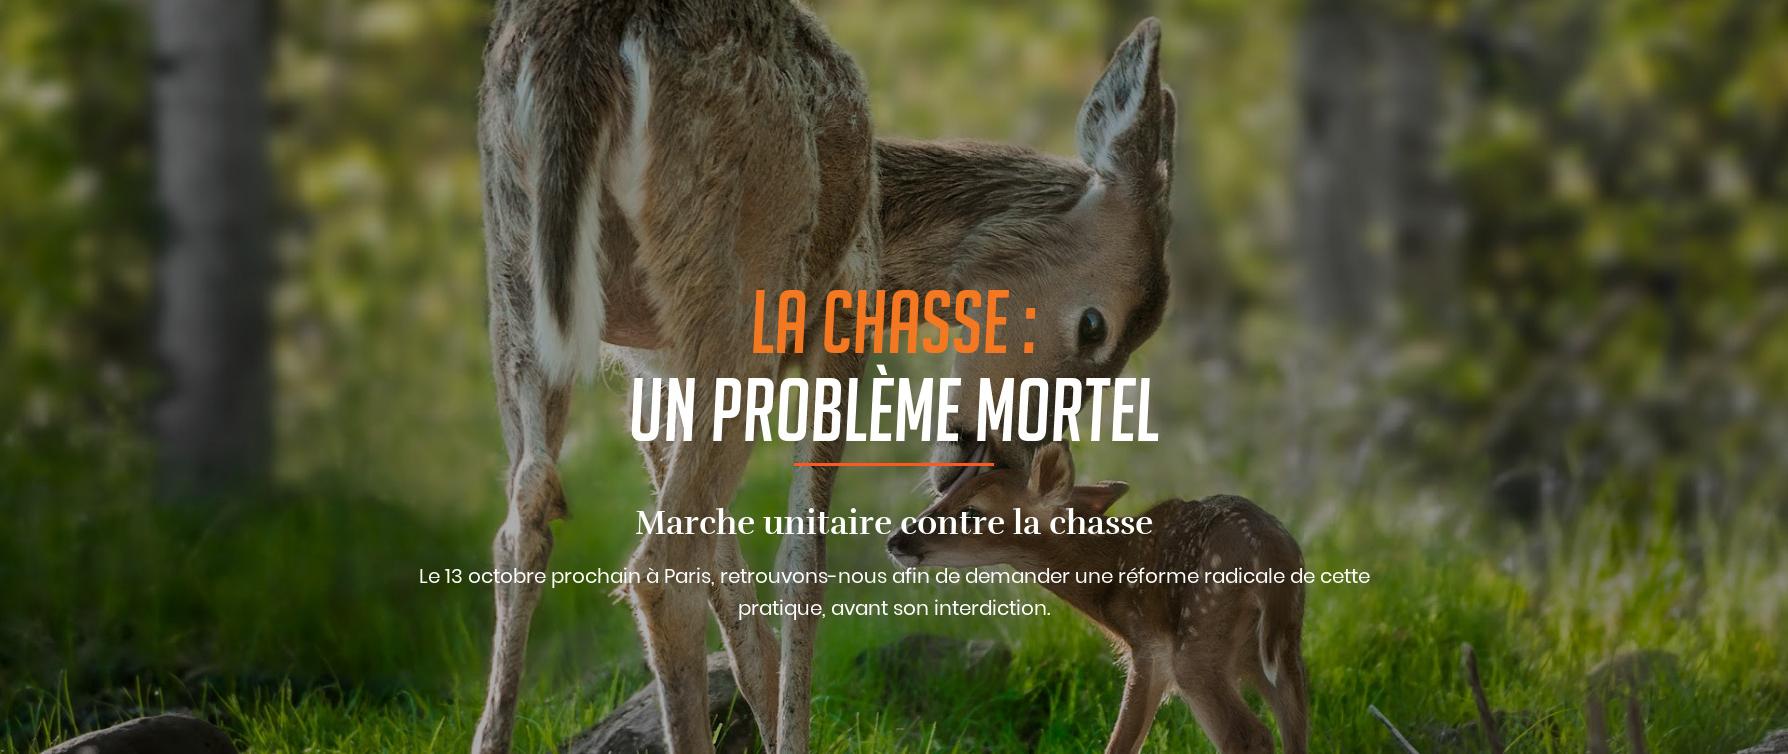 One voice Marche unitaire contre la chasse